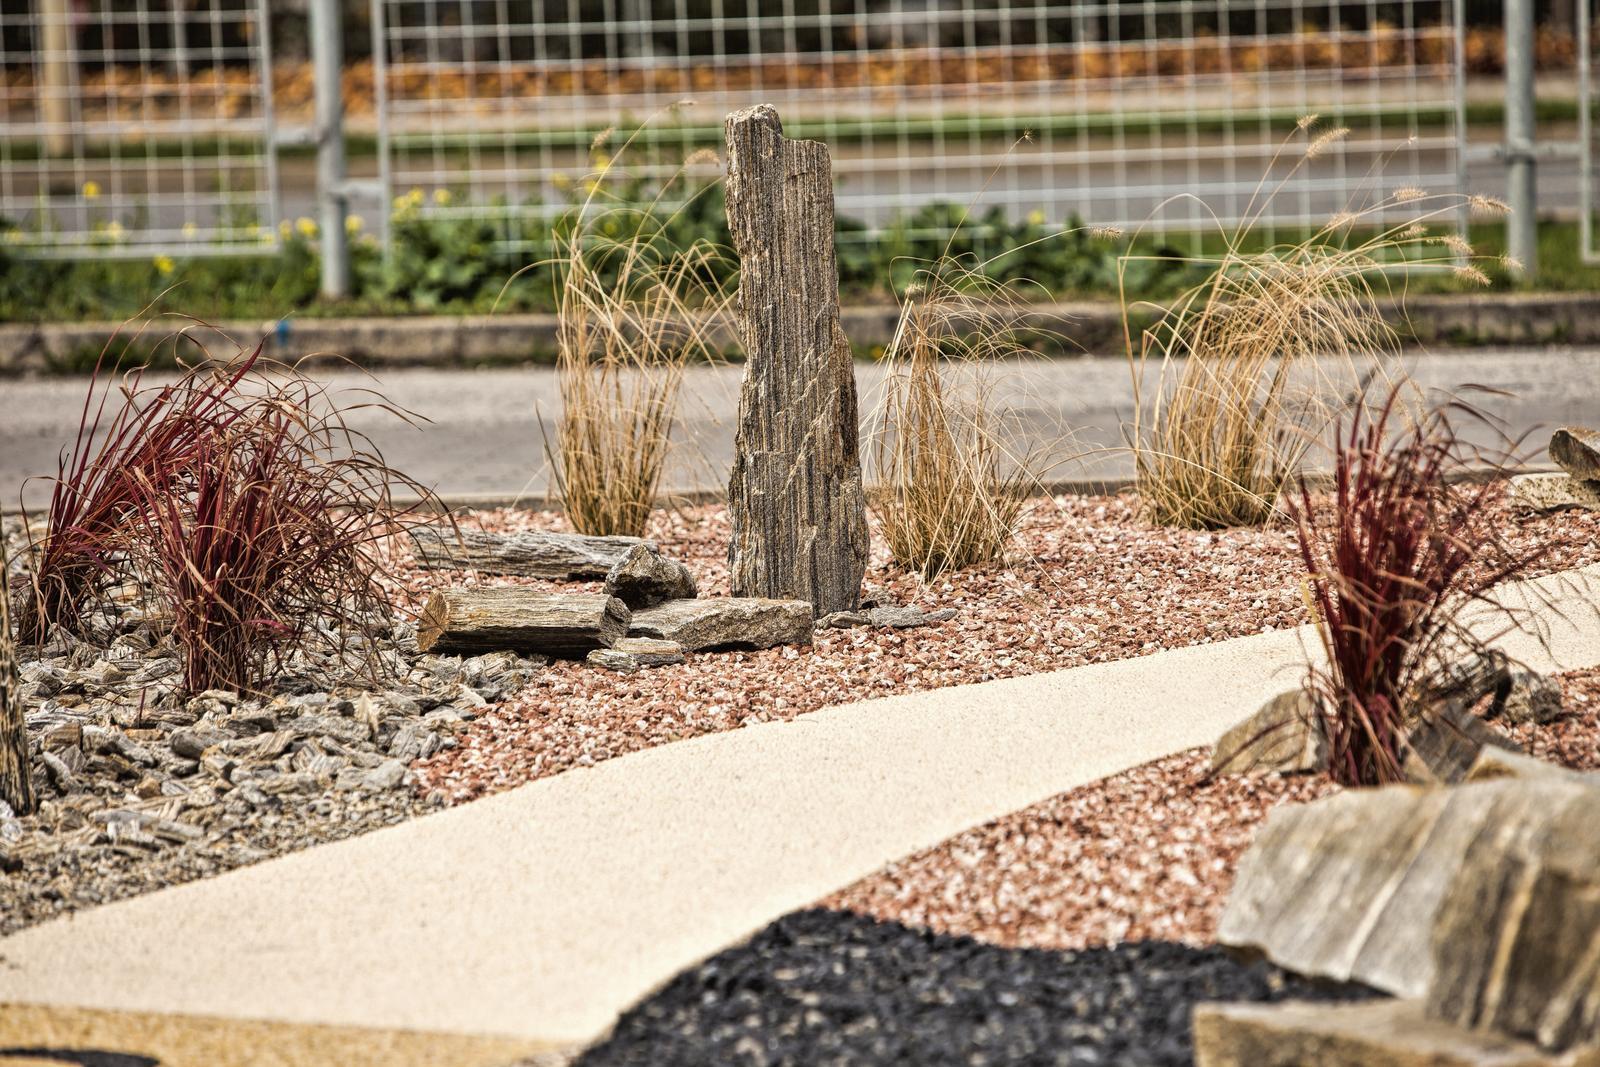 Kolik stojí kamínkový chodníček? - Kombinace solitérních kamenů, trav a kamenného chodníčku